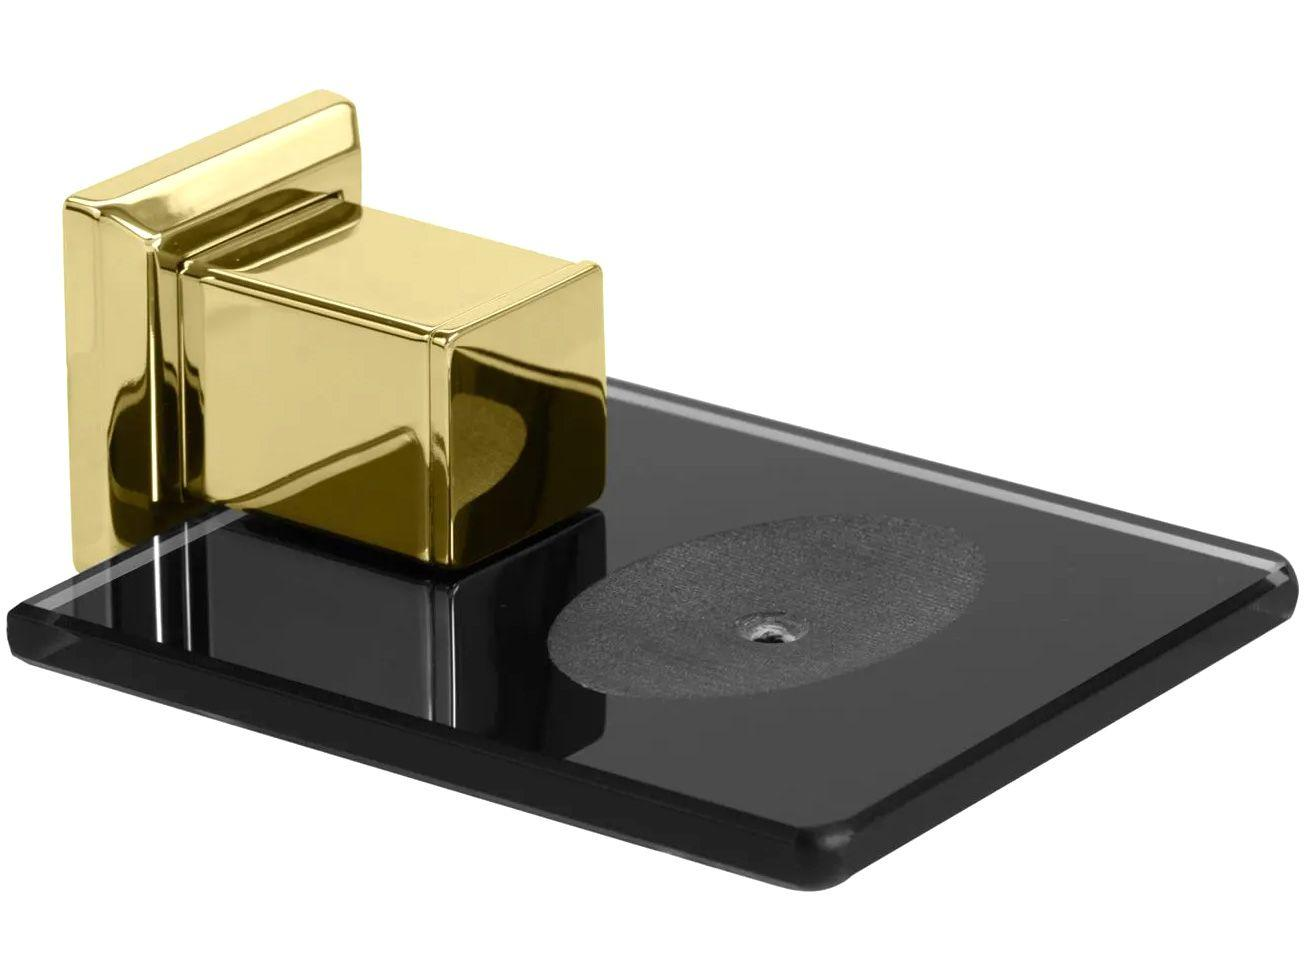 Saboneteira de Parede Ducon Metais Gold GO5020